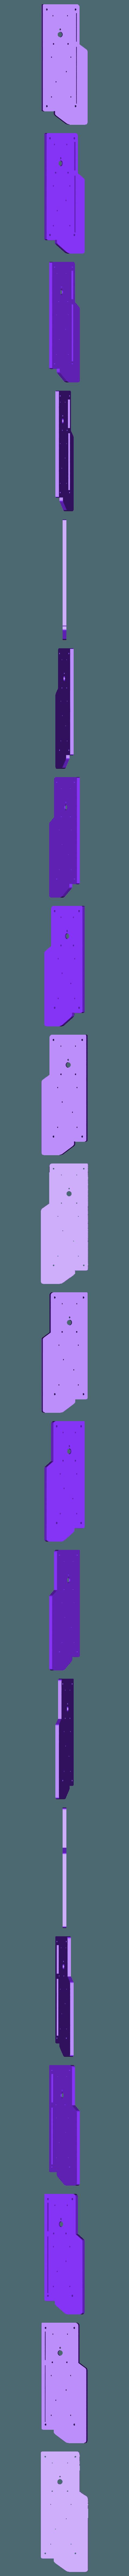 side_RT_panel_GB2.stl Télécharger fichier STL gratuit Ghostbuster Ghostbuster Ghosttrap • Modèle pour impression 3D, SLIDES